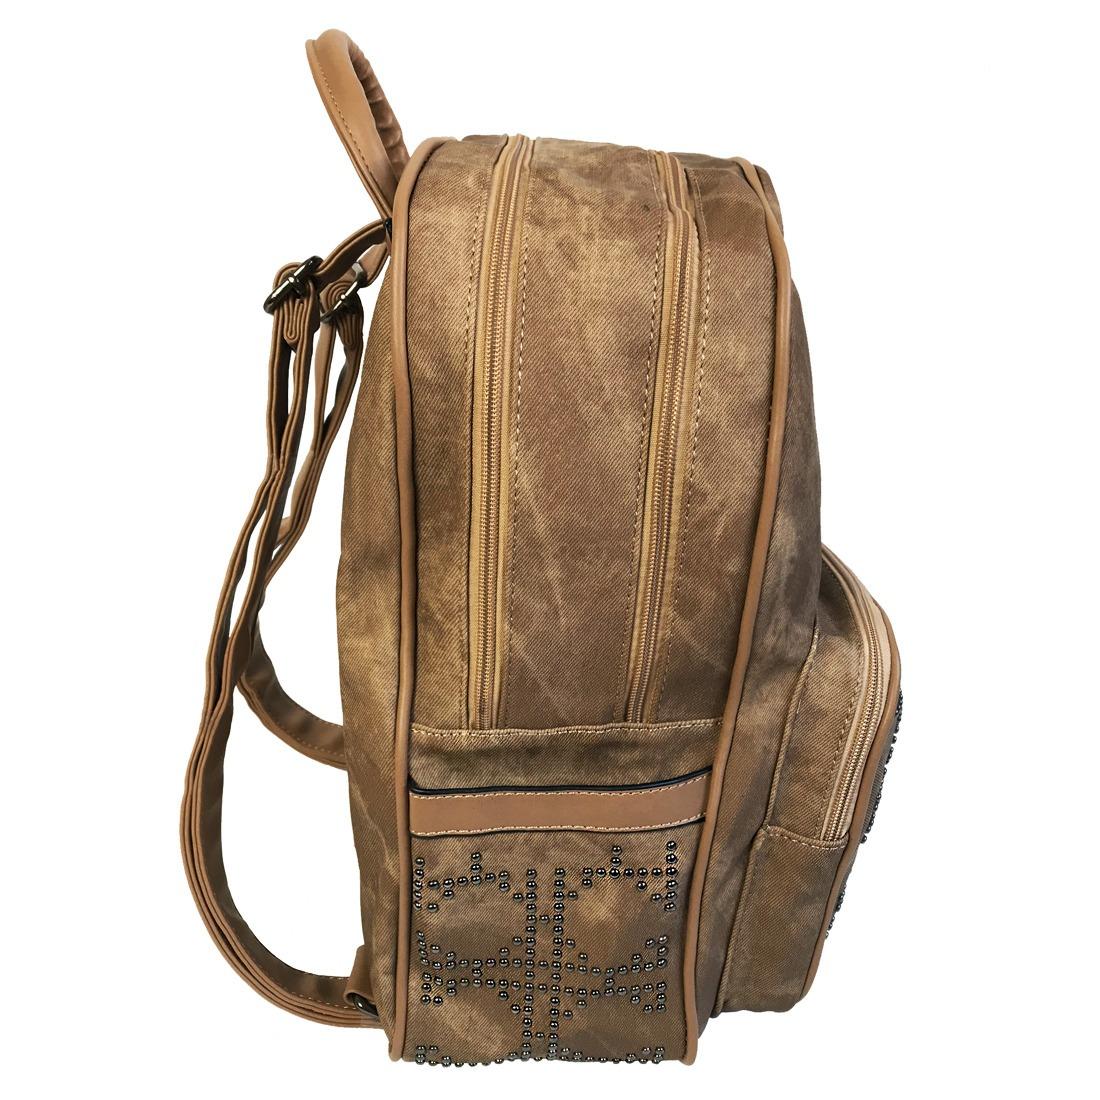 d785c8489f mochila bolsa feminina couro sintético grande. Carregando zoom.